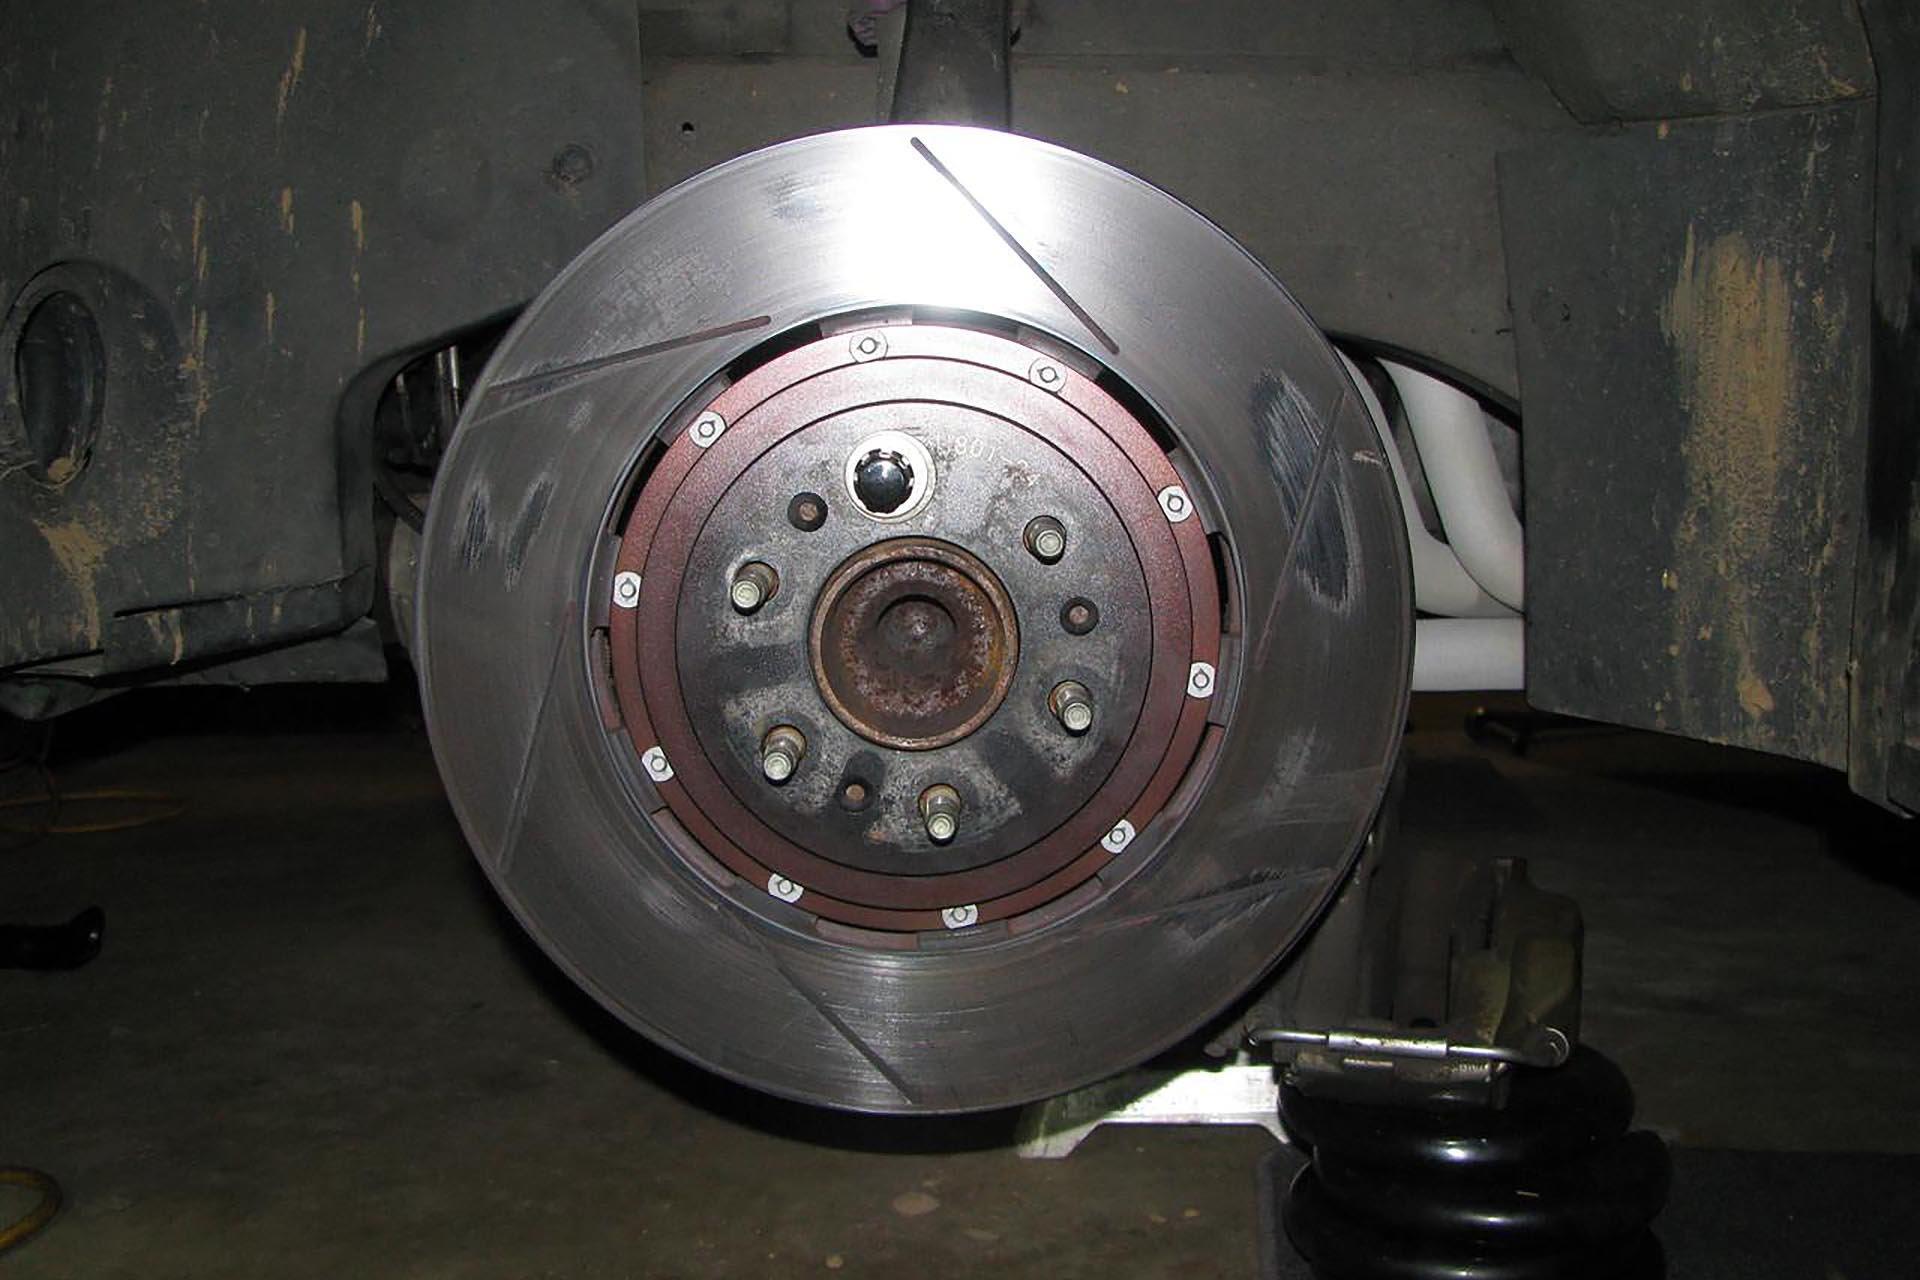 08_VW Mk7 GTI pad deposits on brake disc